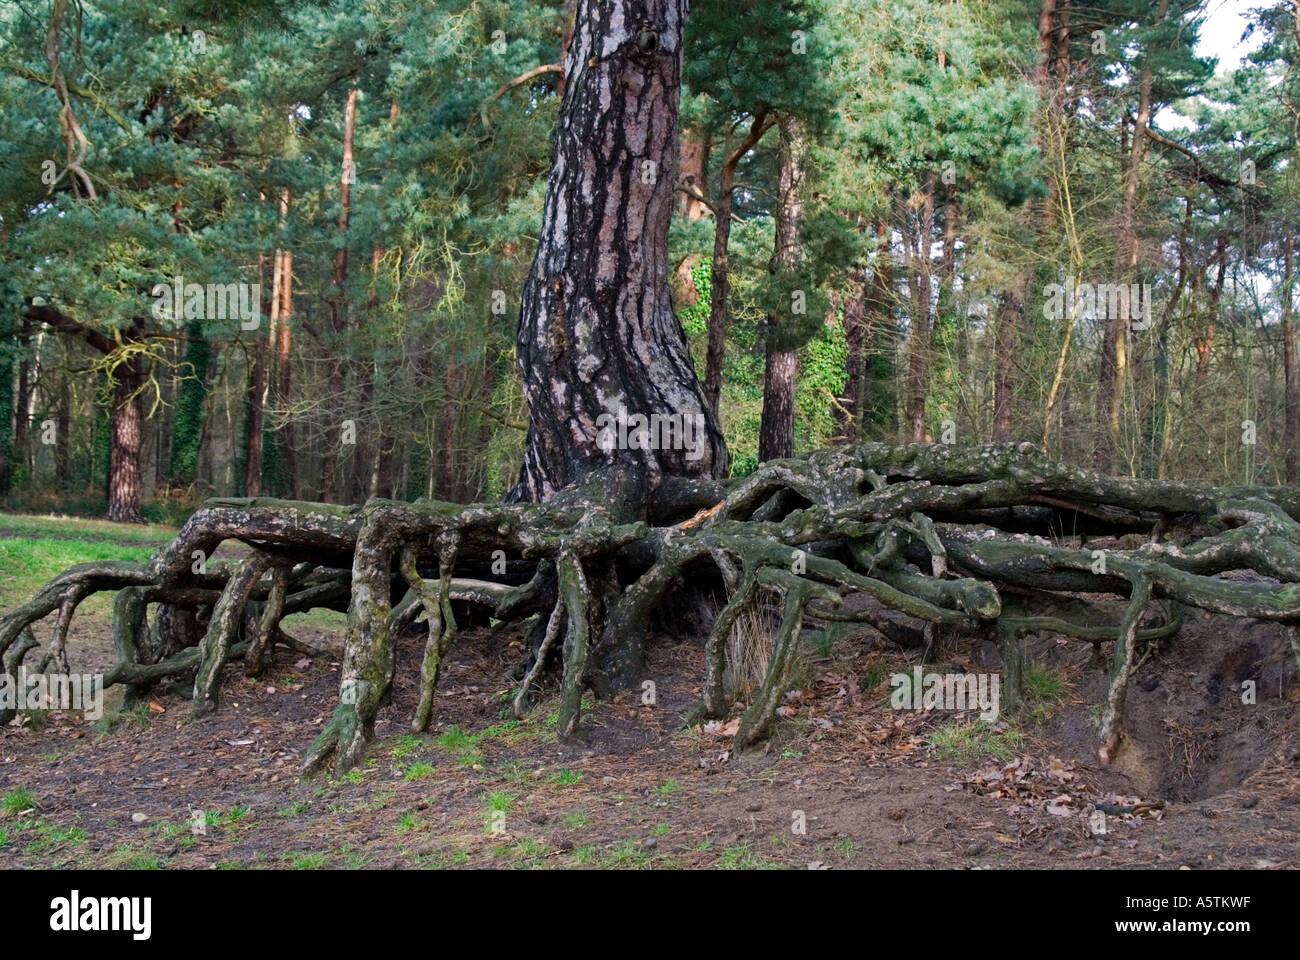 Baum wurzeln kiefer pinus sylvestris stockfoto bild - Kiefer baum kaufen ...